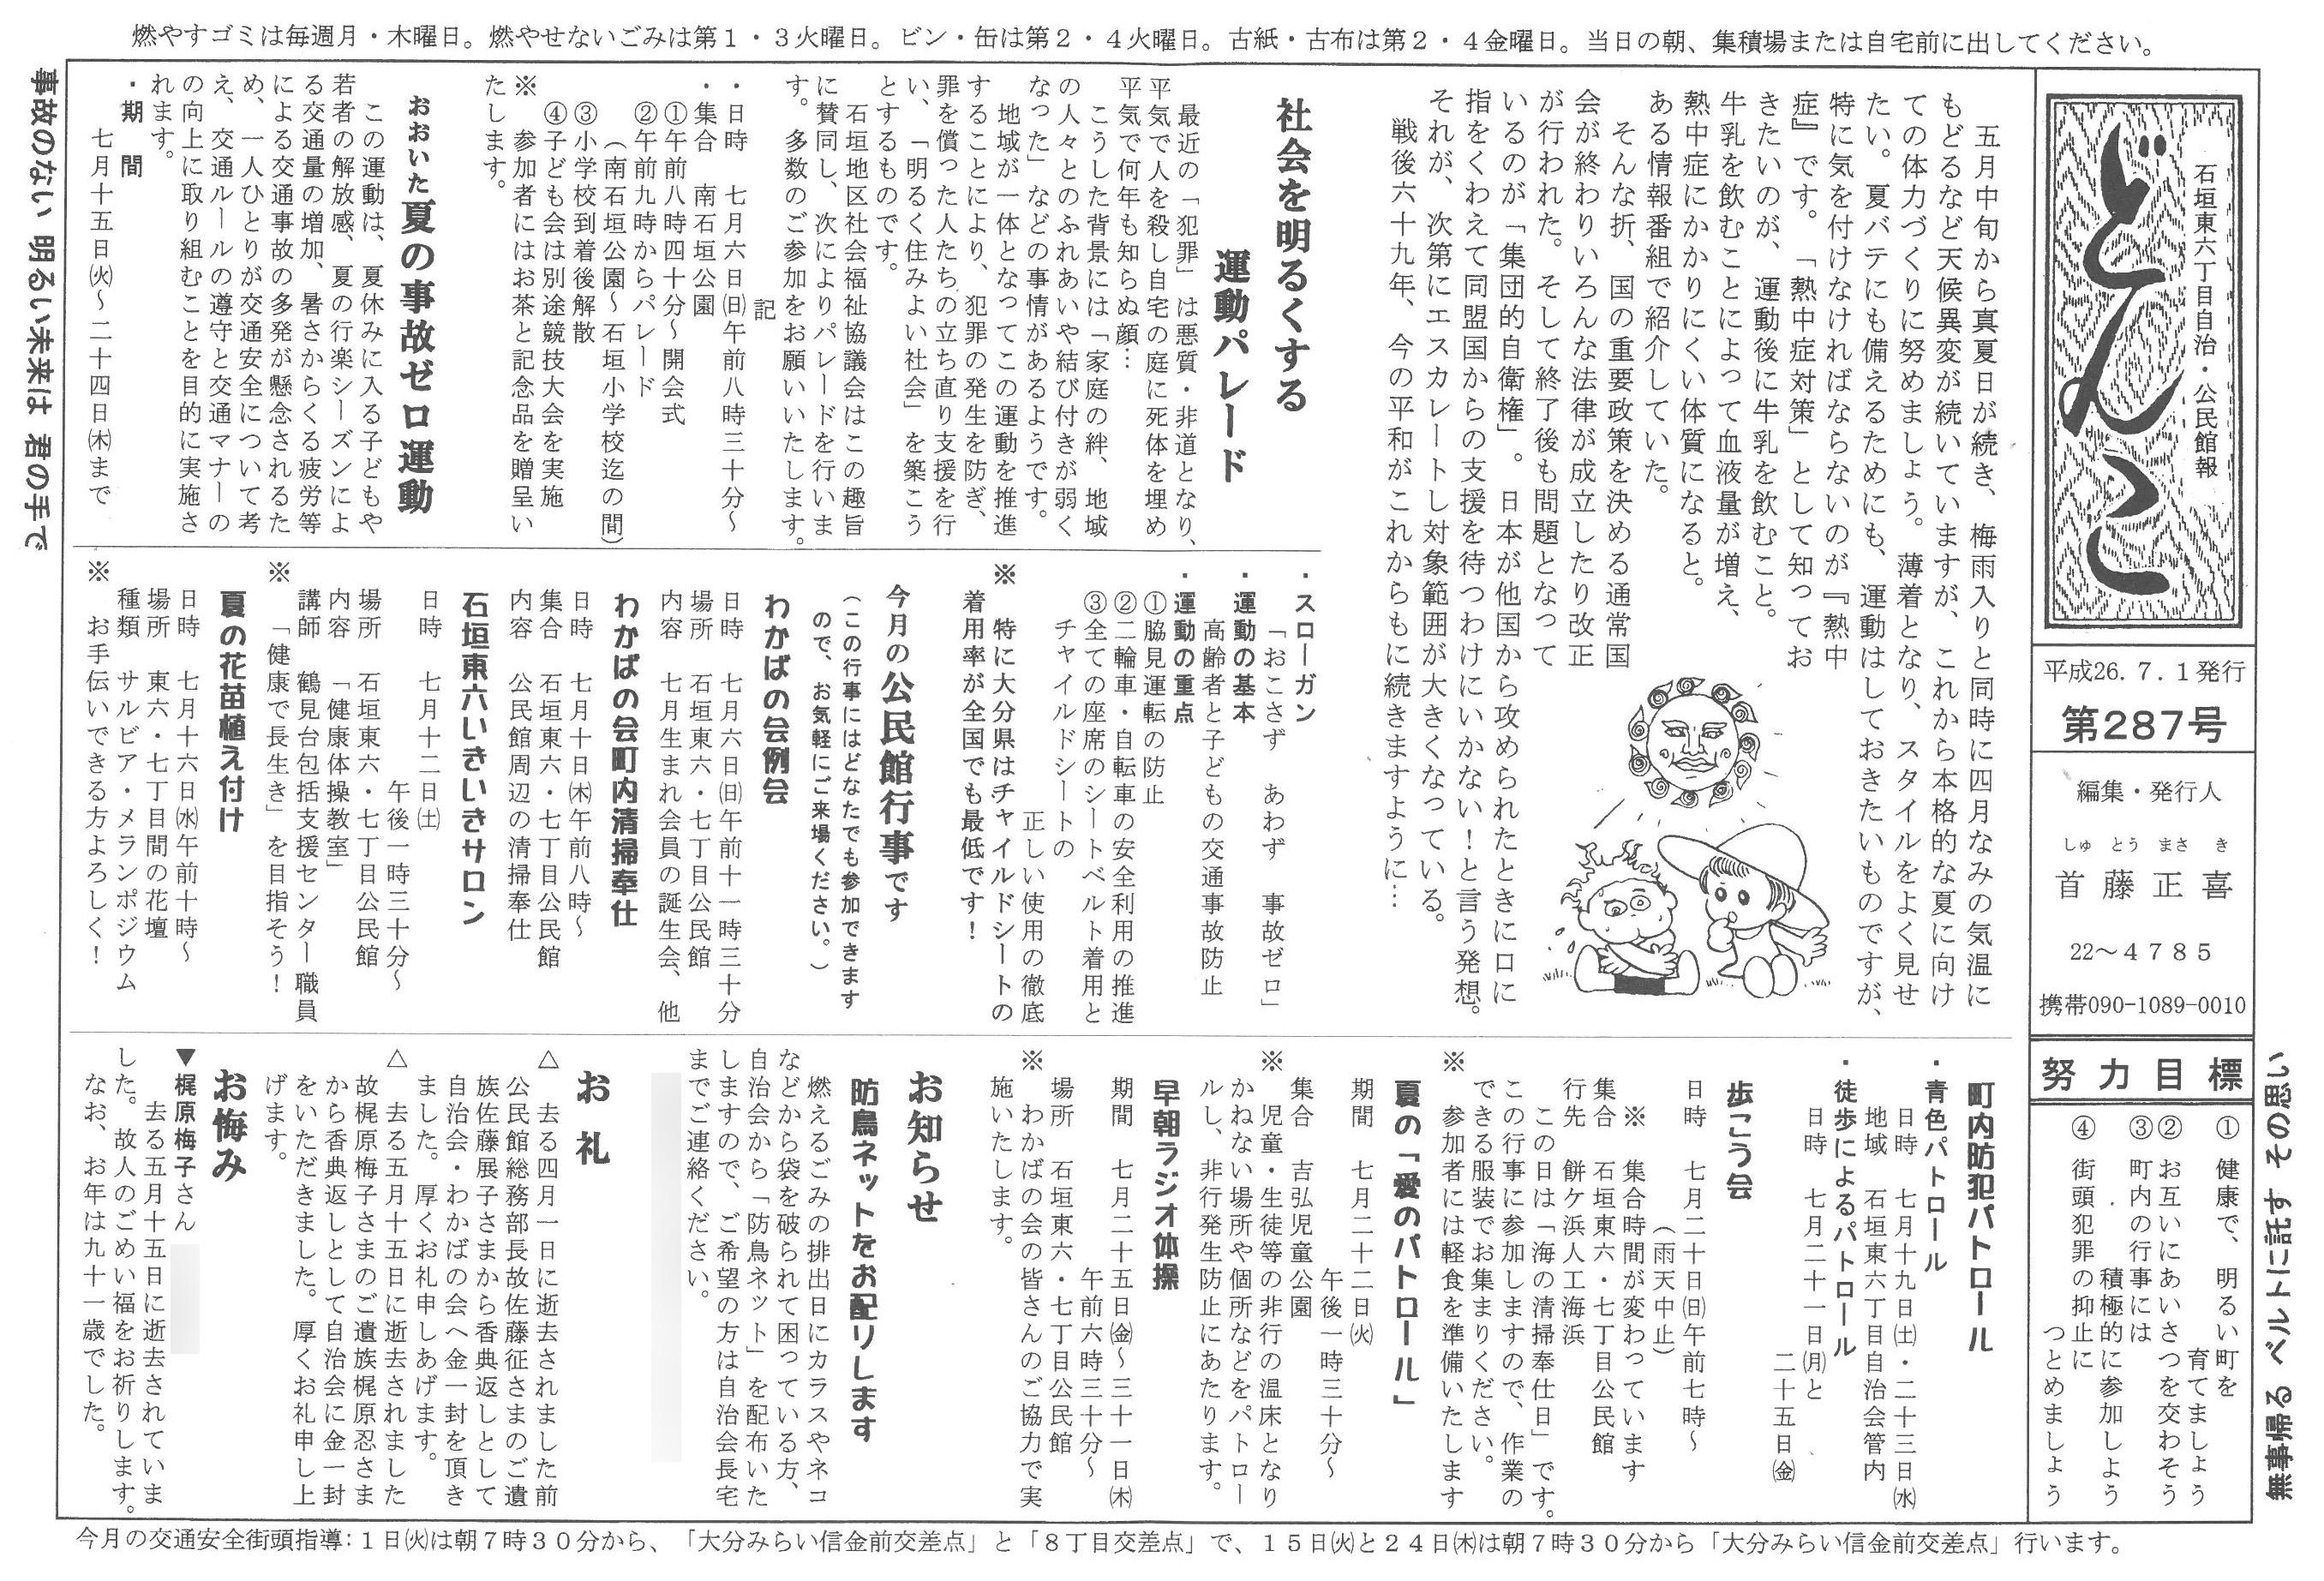 石垣東六丁目自治・公民館報|どんこ|平成26.7.1発行287号